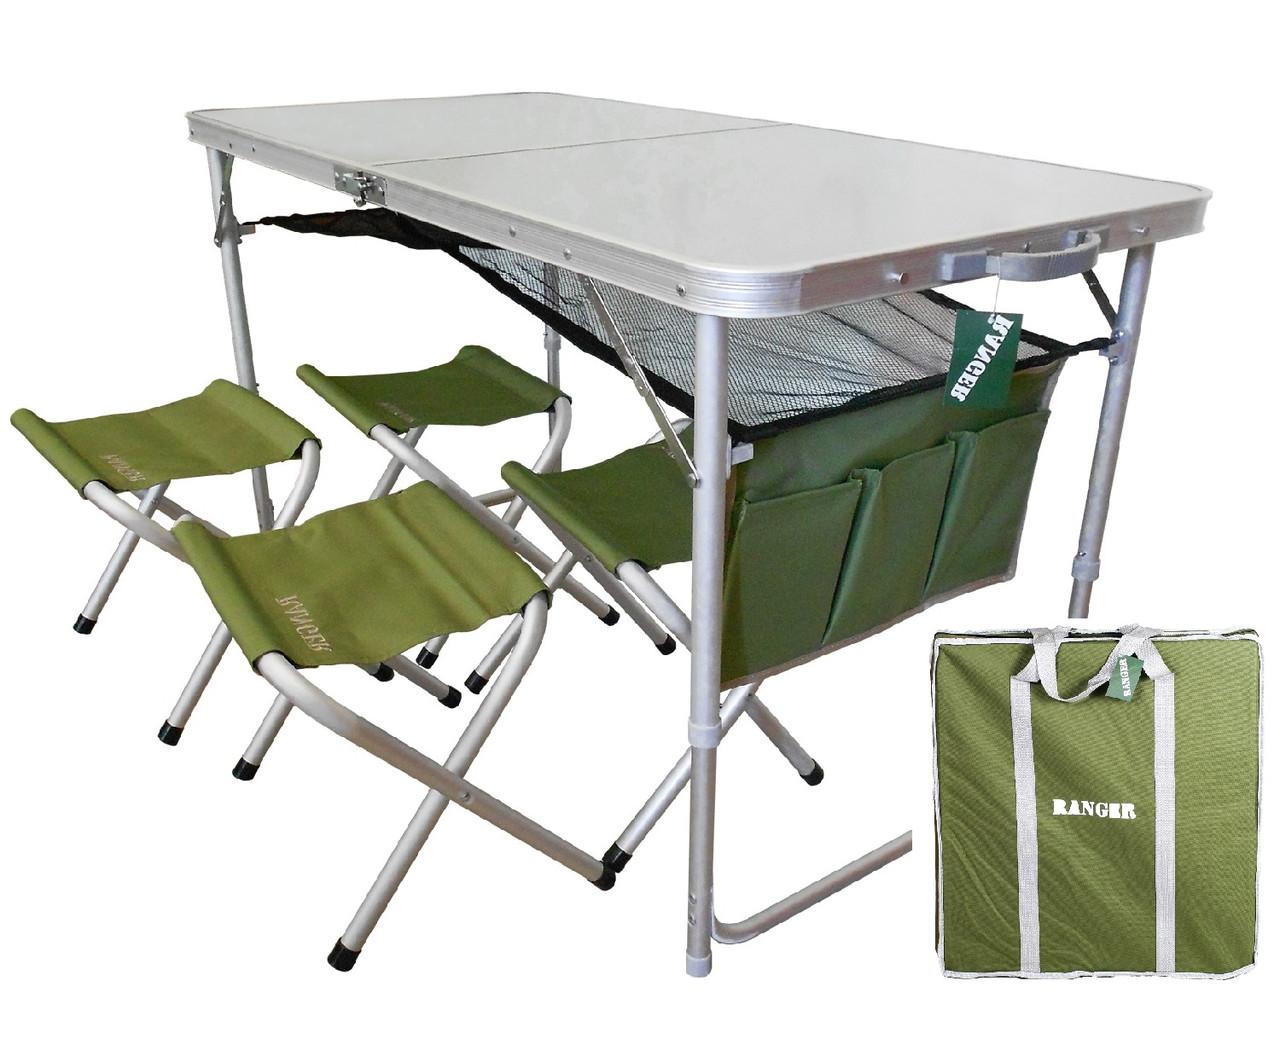 Комплект мебели складной Ranger ТА-21407+ 4 стульчика FS21124